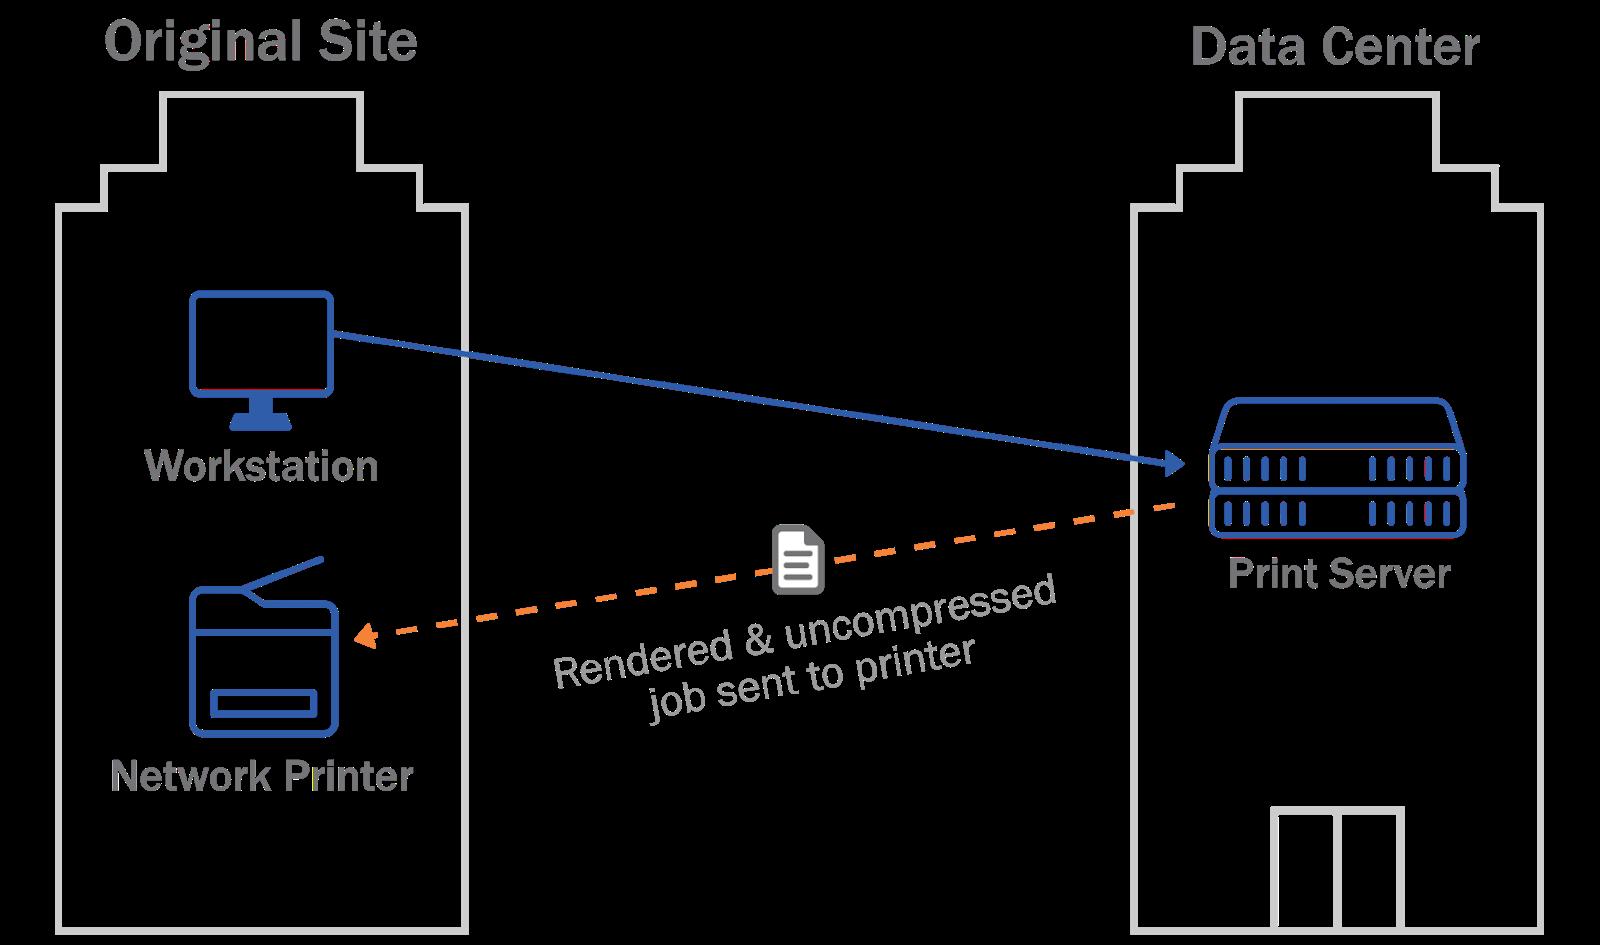 Cloud Based Print Server Diagram